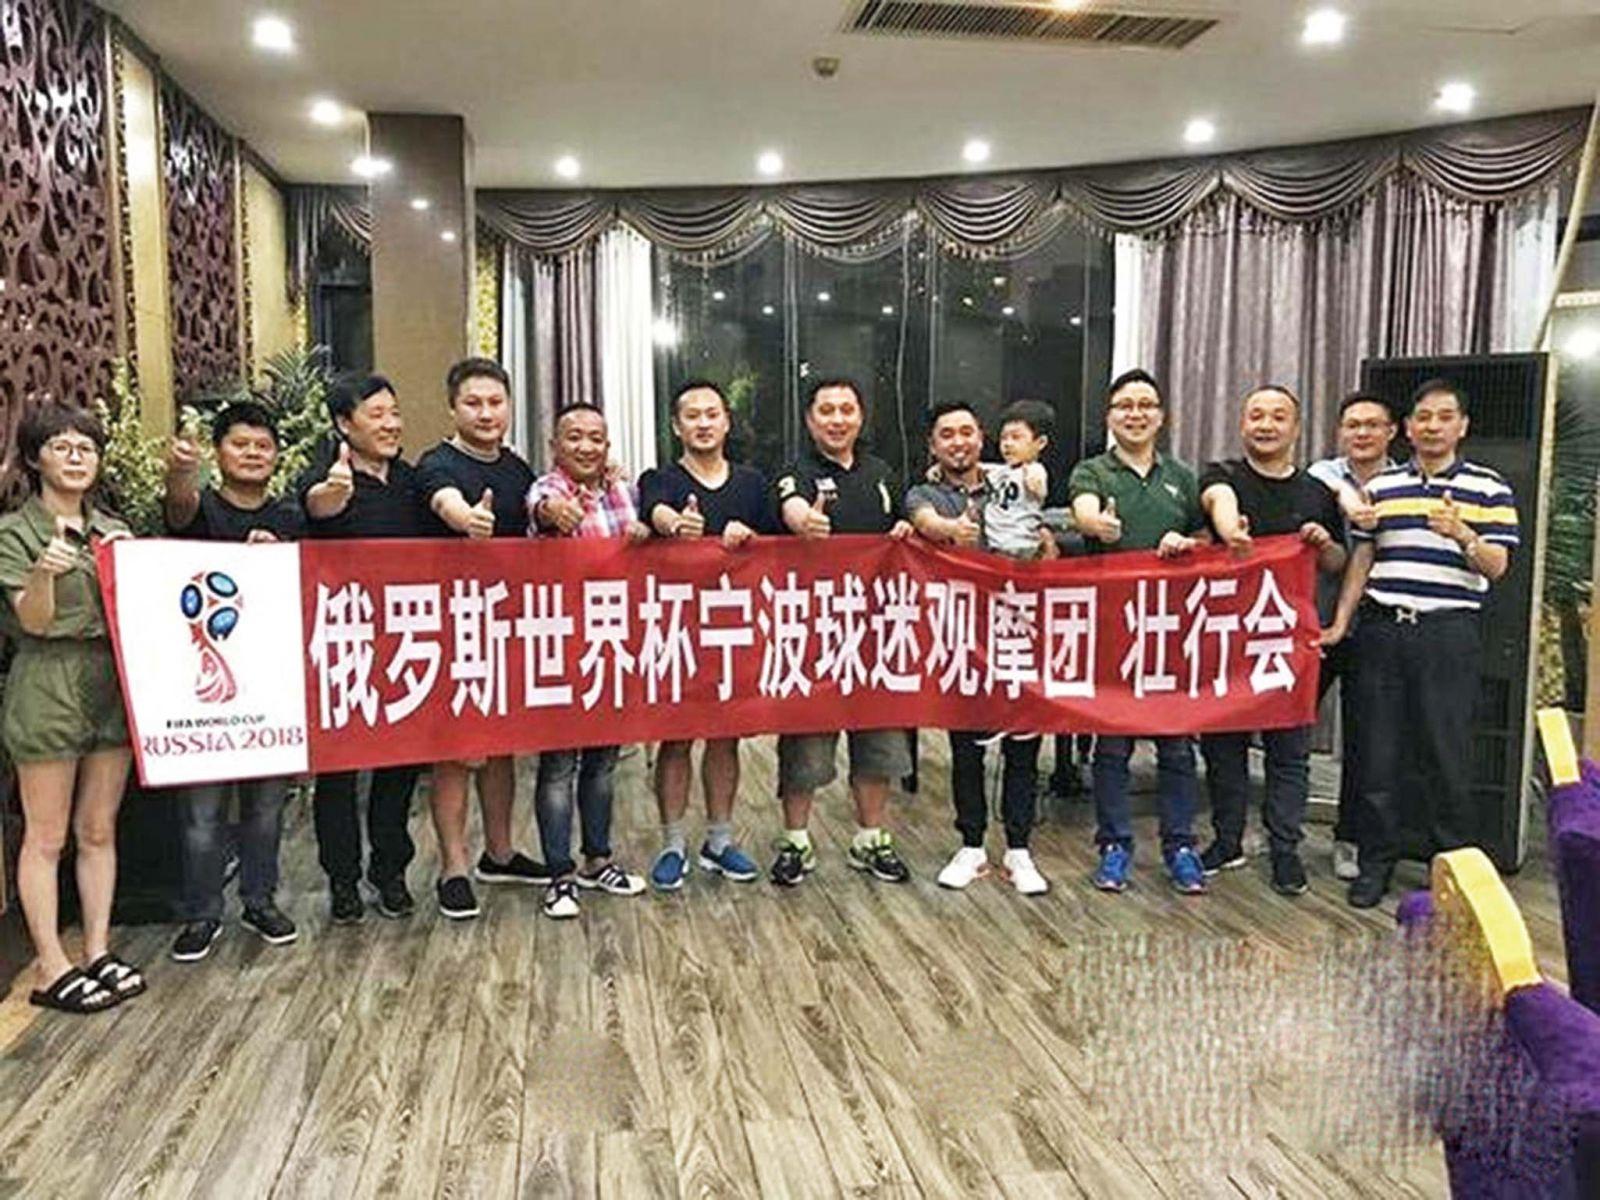 中國球迷瘋世界盃